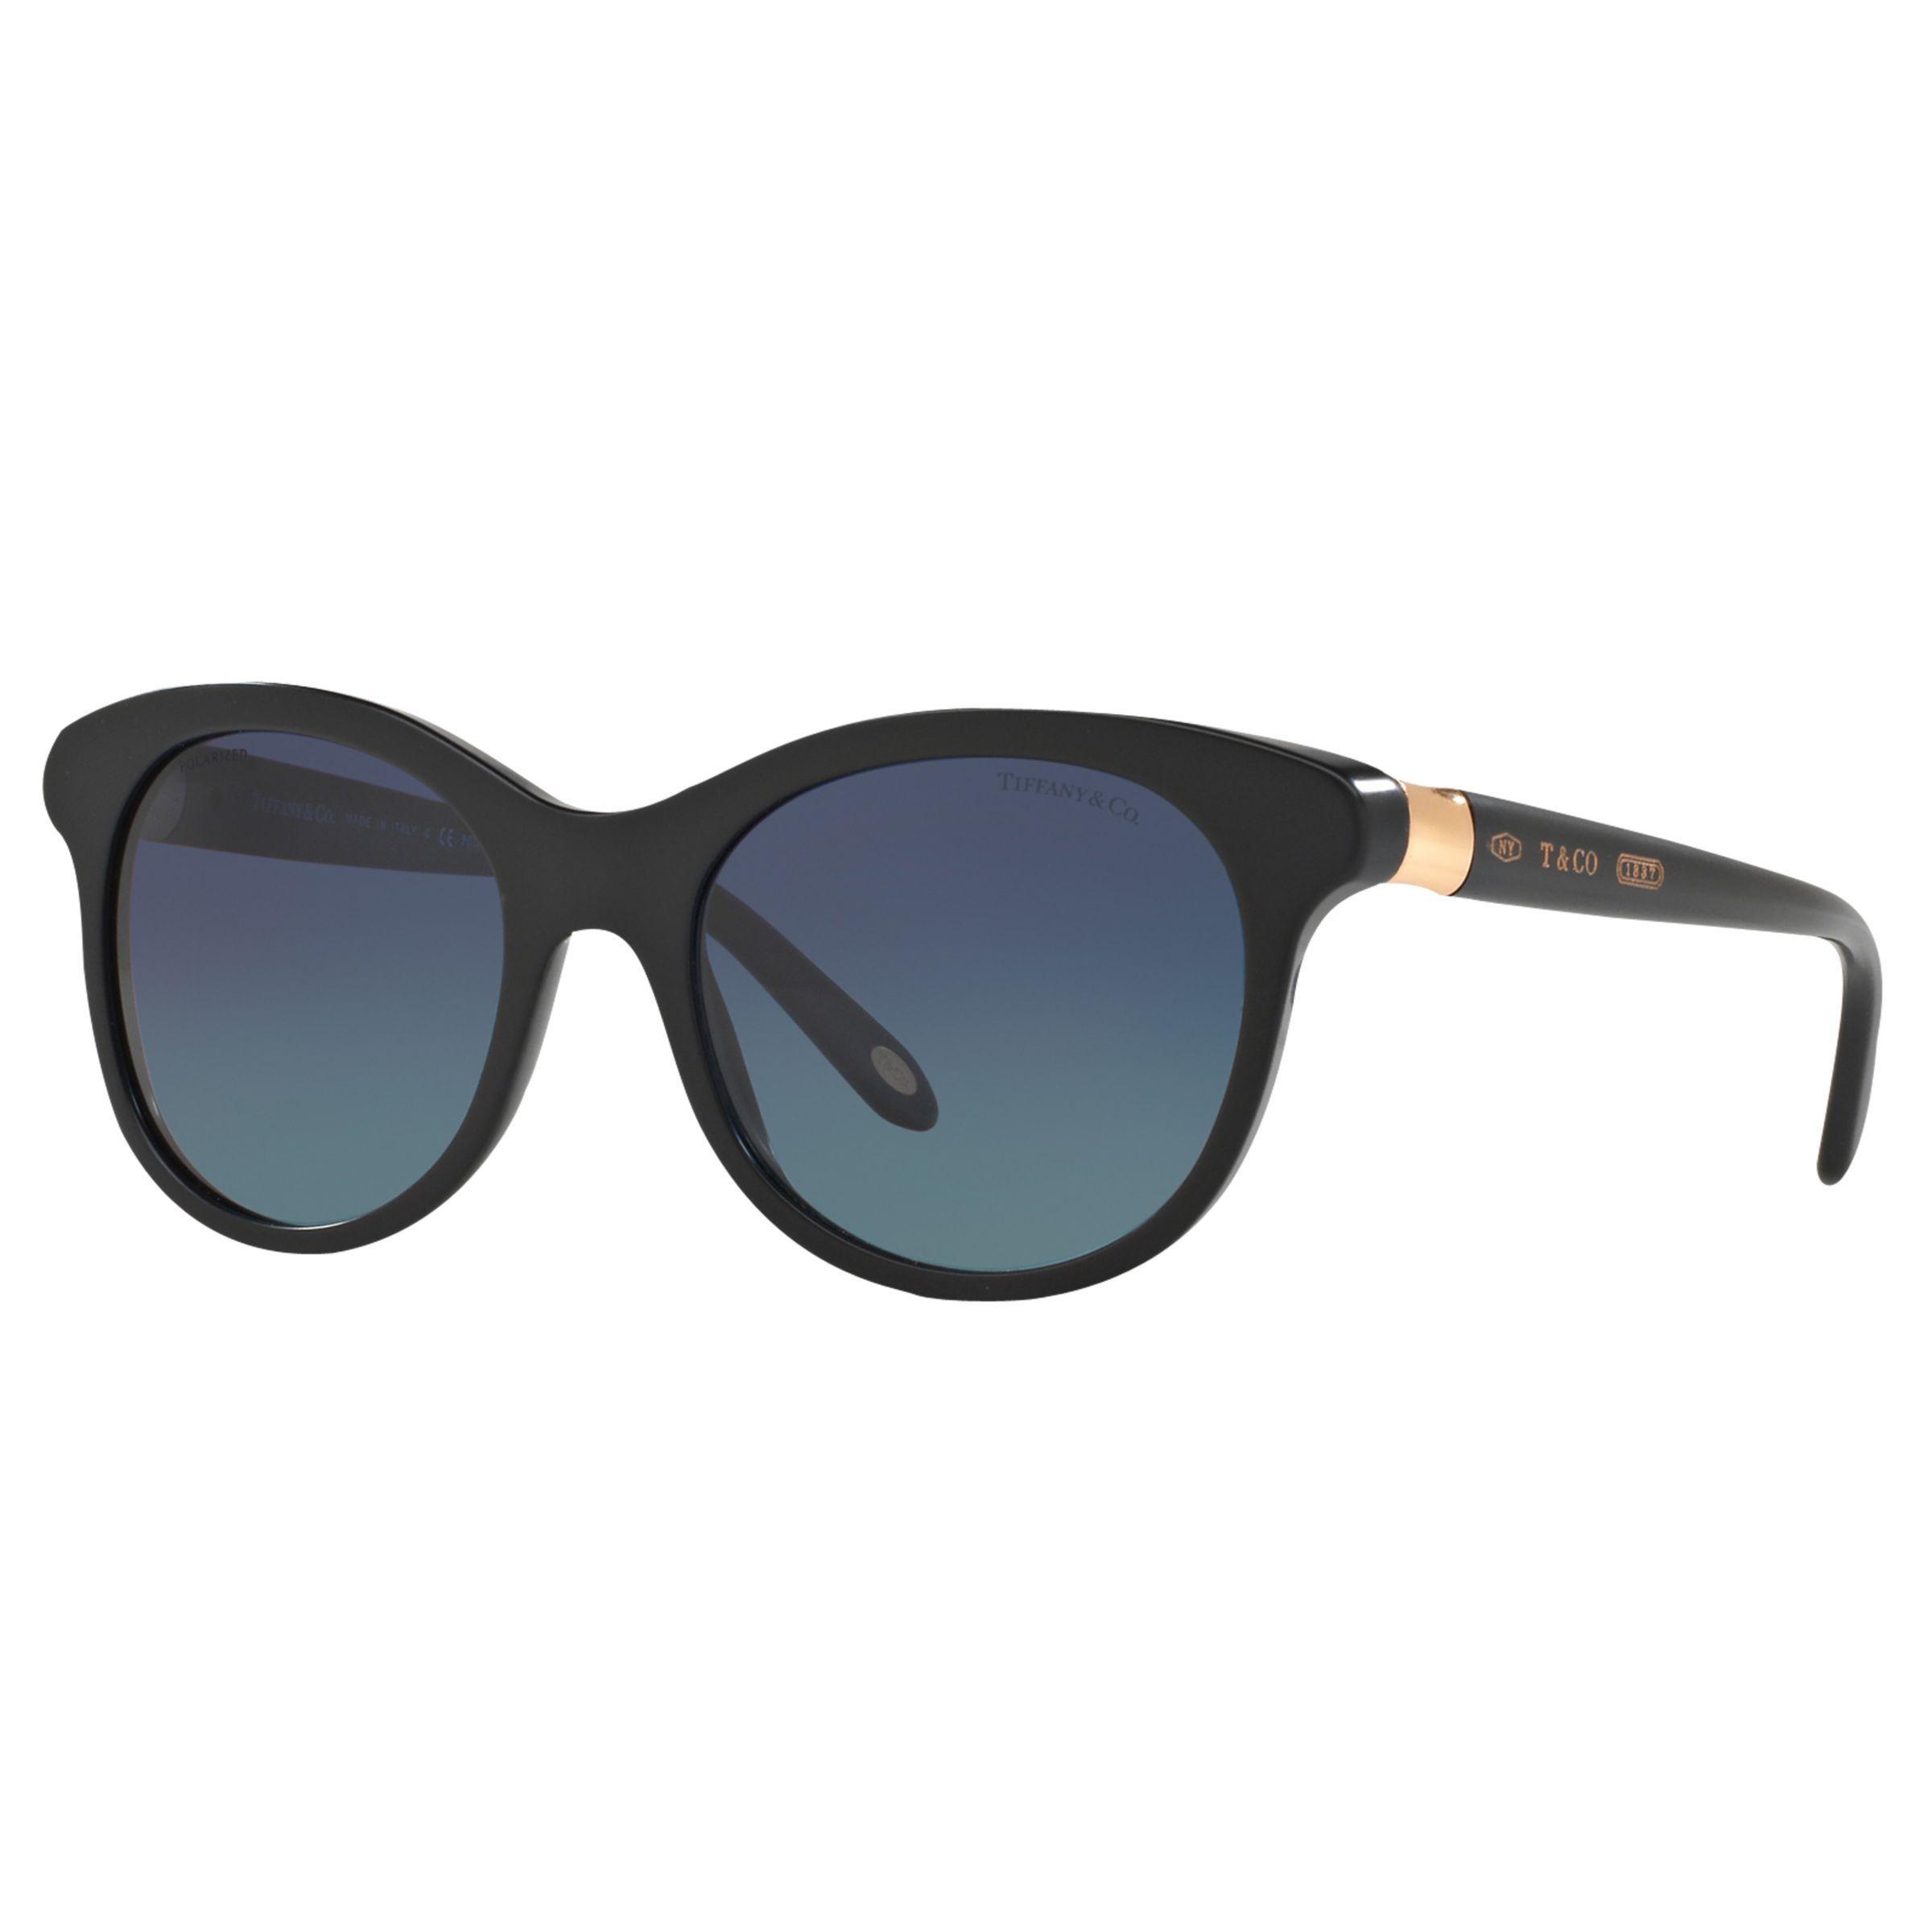 Tiffany & Co Tiffany & Co TF4125 Polarised Oval Sunglasses, Black